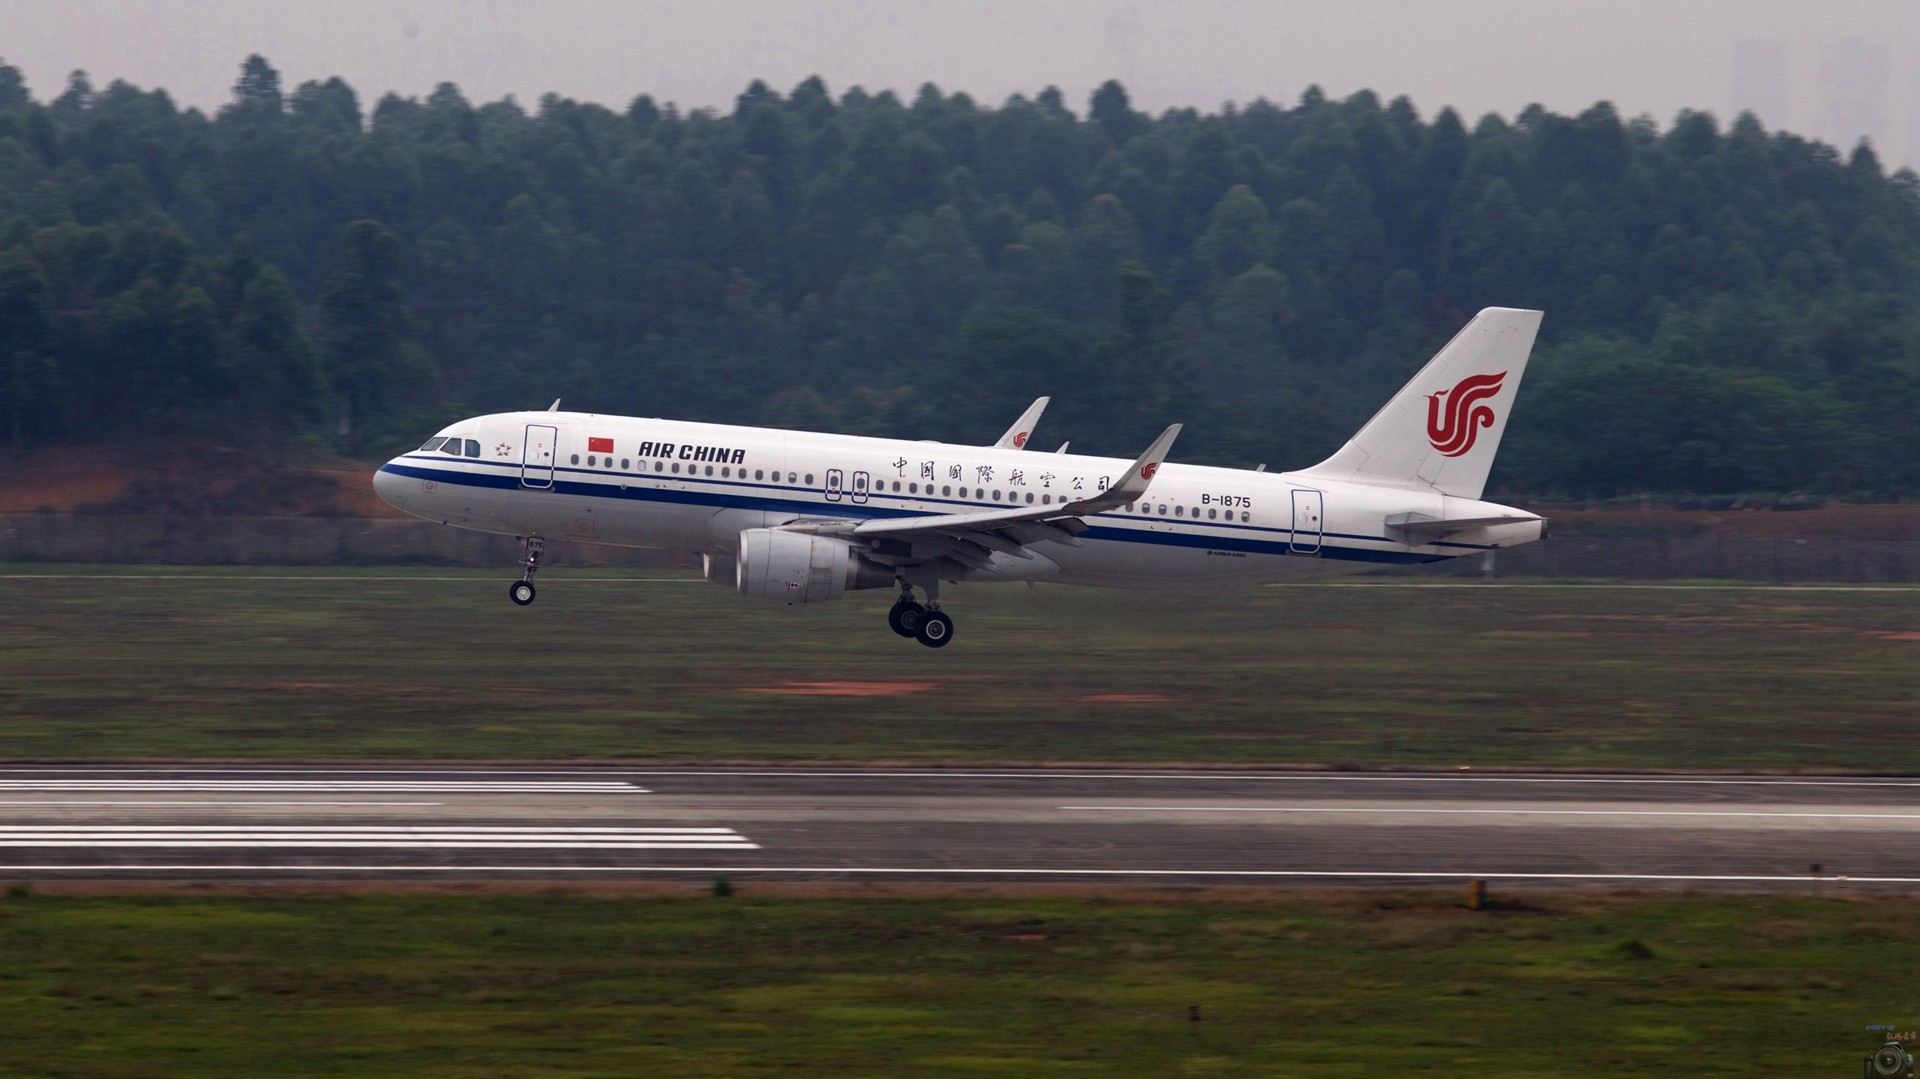 Re:[原创]重出江湖【CTU】2015.5.17打飞机 AIRBUS A320-200 B-1875 中国成都双流国际机场